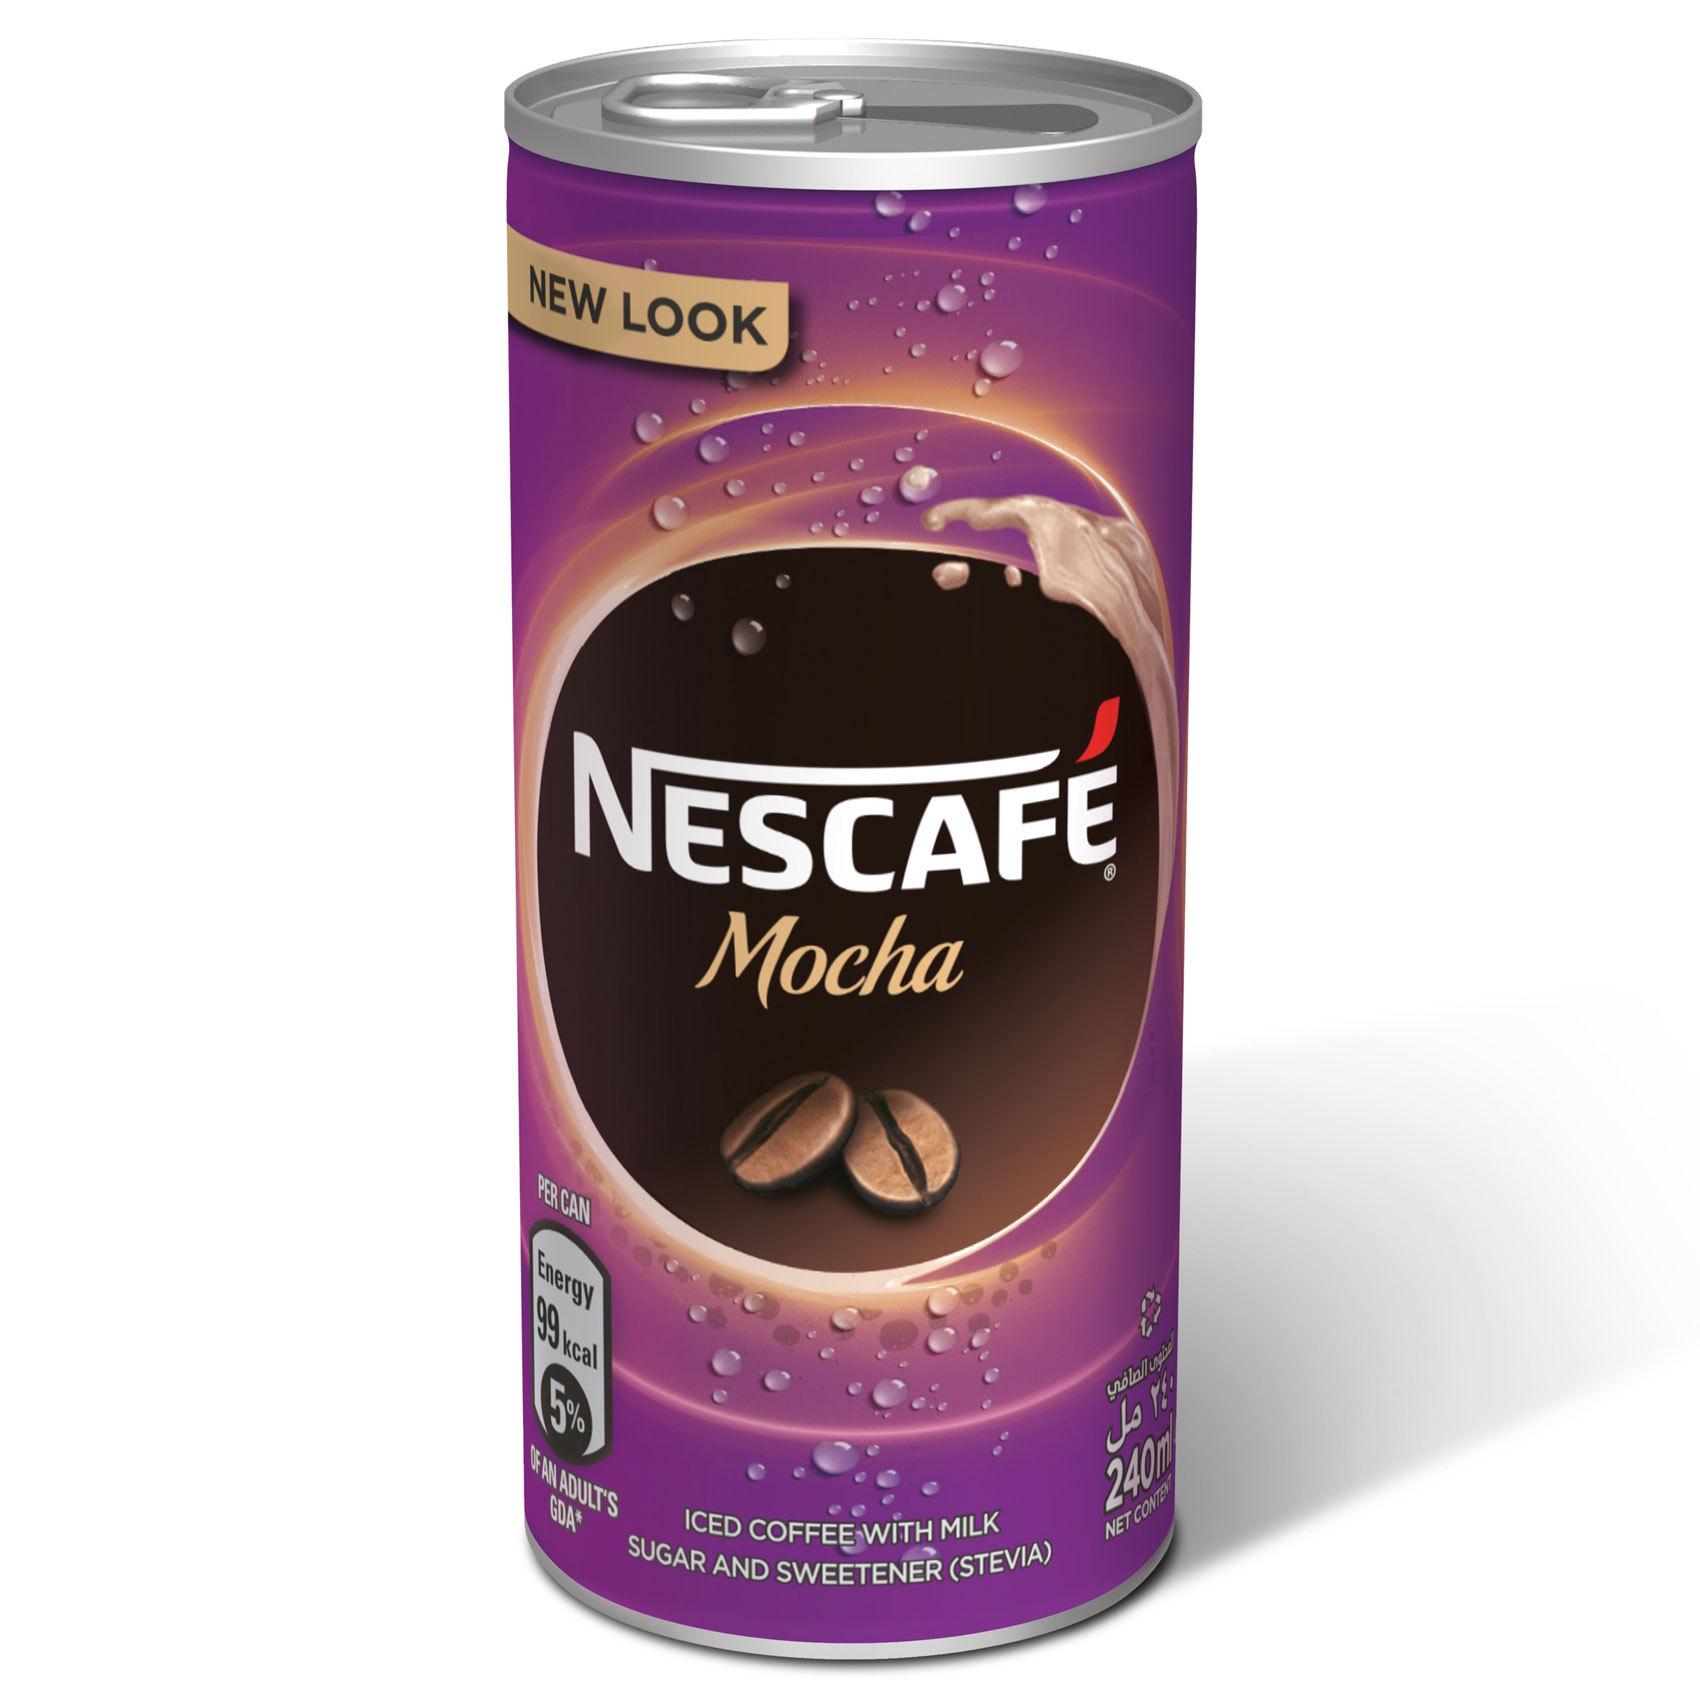 NESCAFE DRINK MOCHA 240MLX6